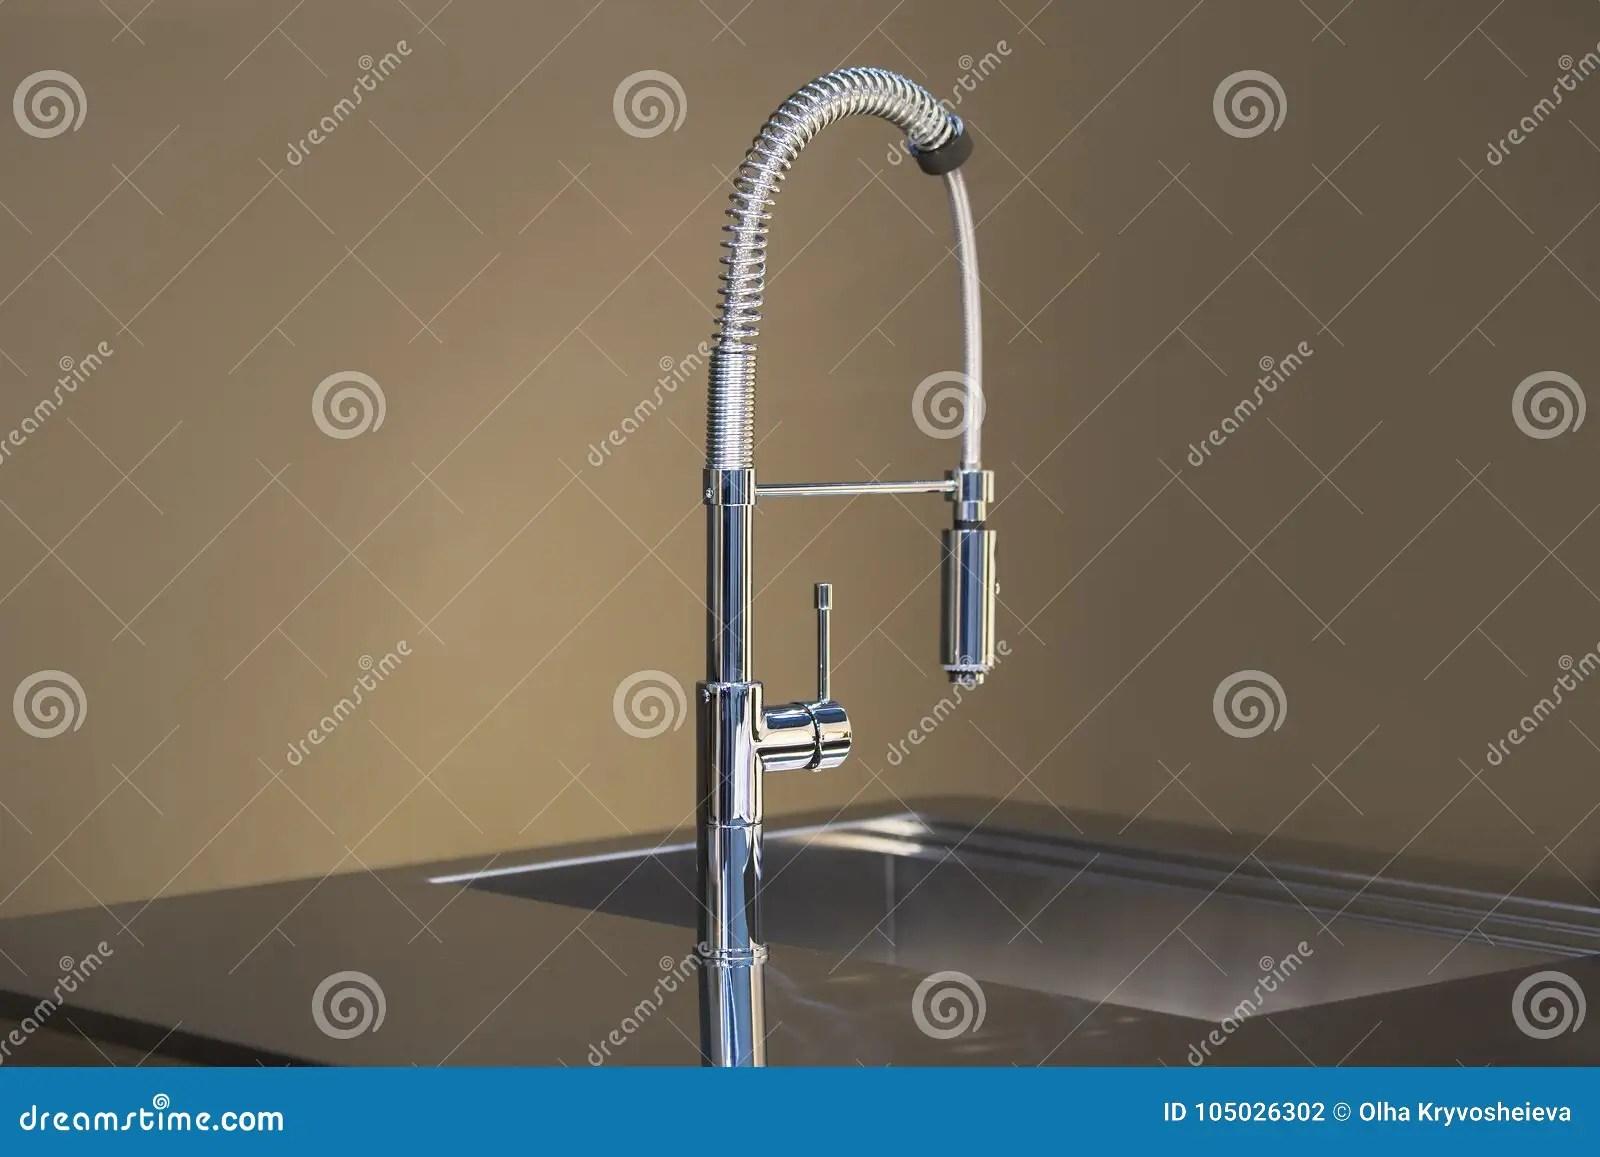 kitchen mixer cabinets.com 新的高厨房龙头设计厨房水槽轻拍搅拌器库存照片 图片包括有内部 详细 新的高厨房龙头设计厨房水槽轻拍搅拌器